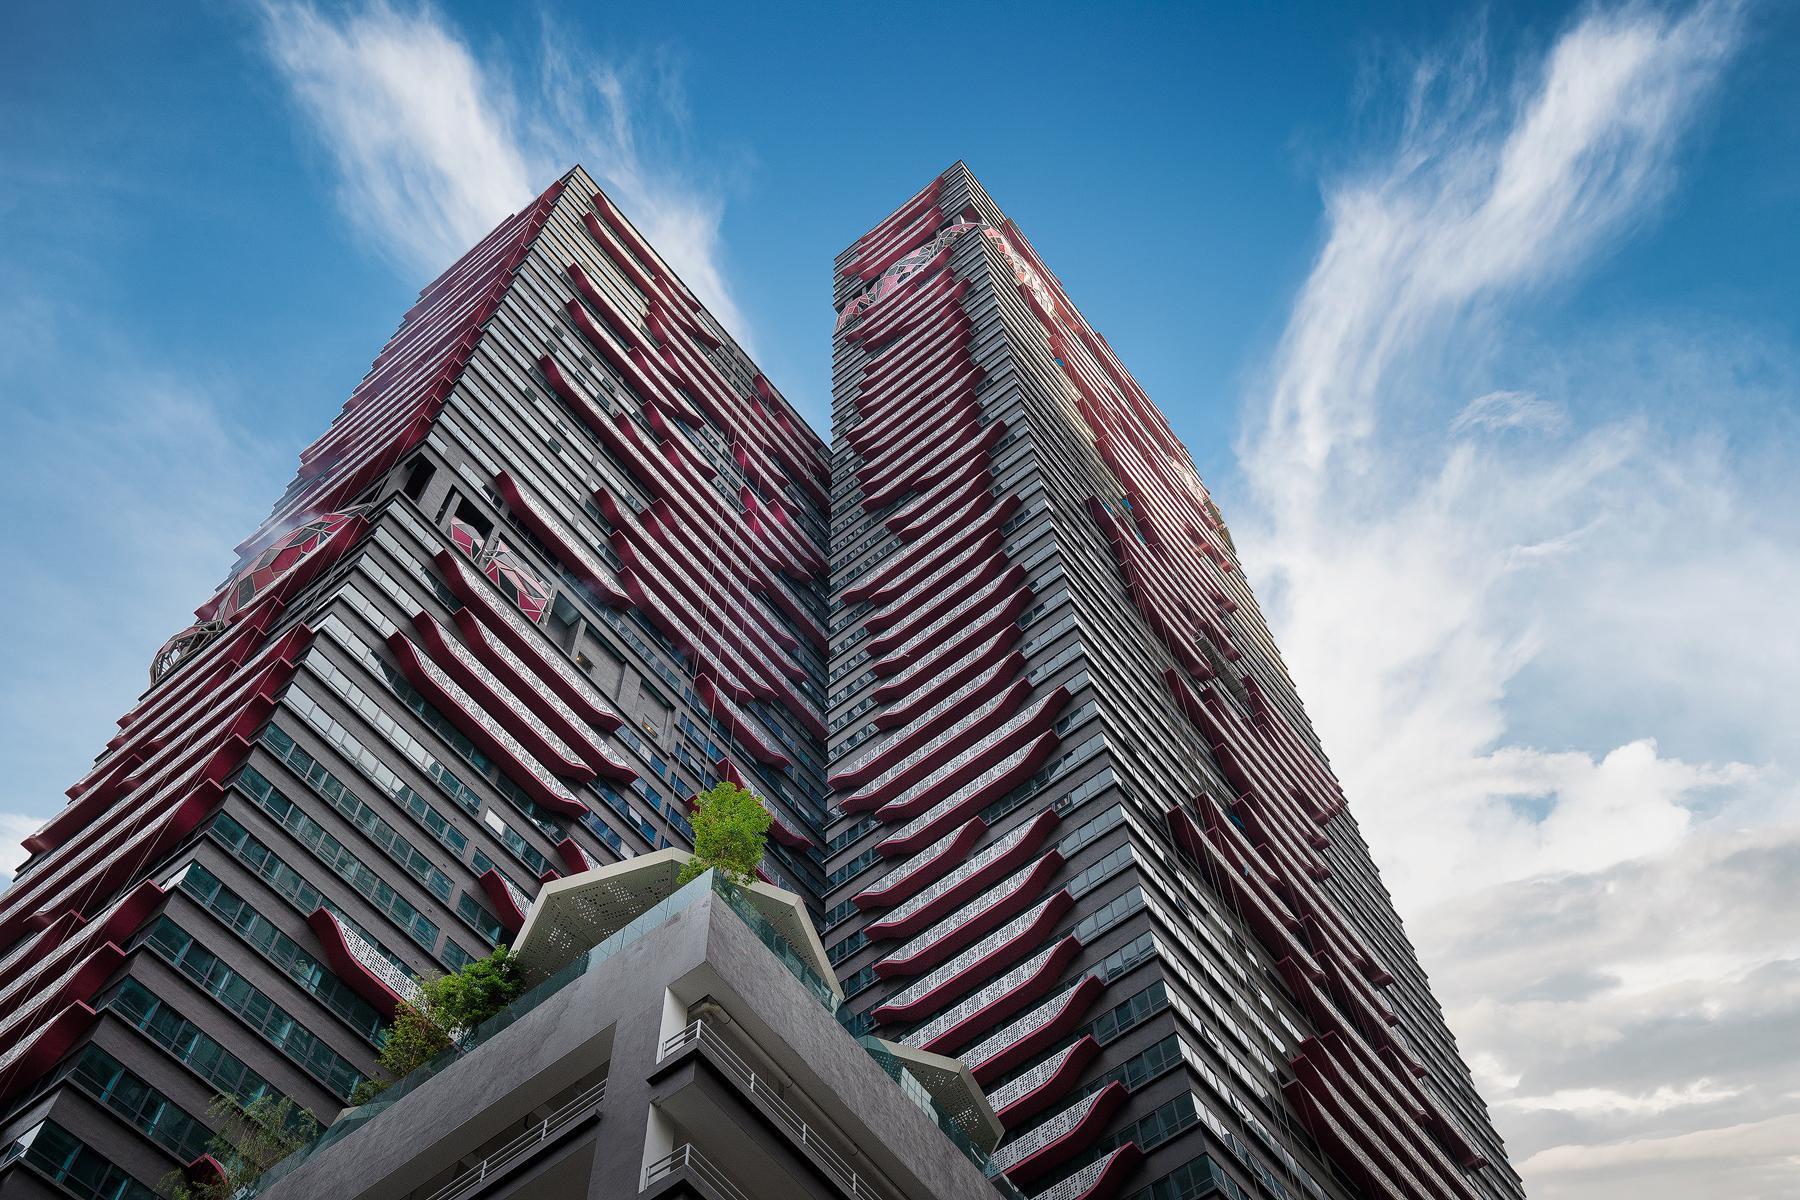 Arte Plus by Cobnb, Kuala Lumpur